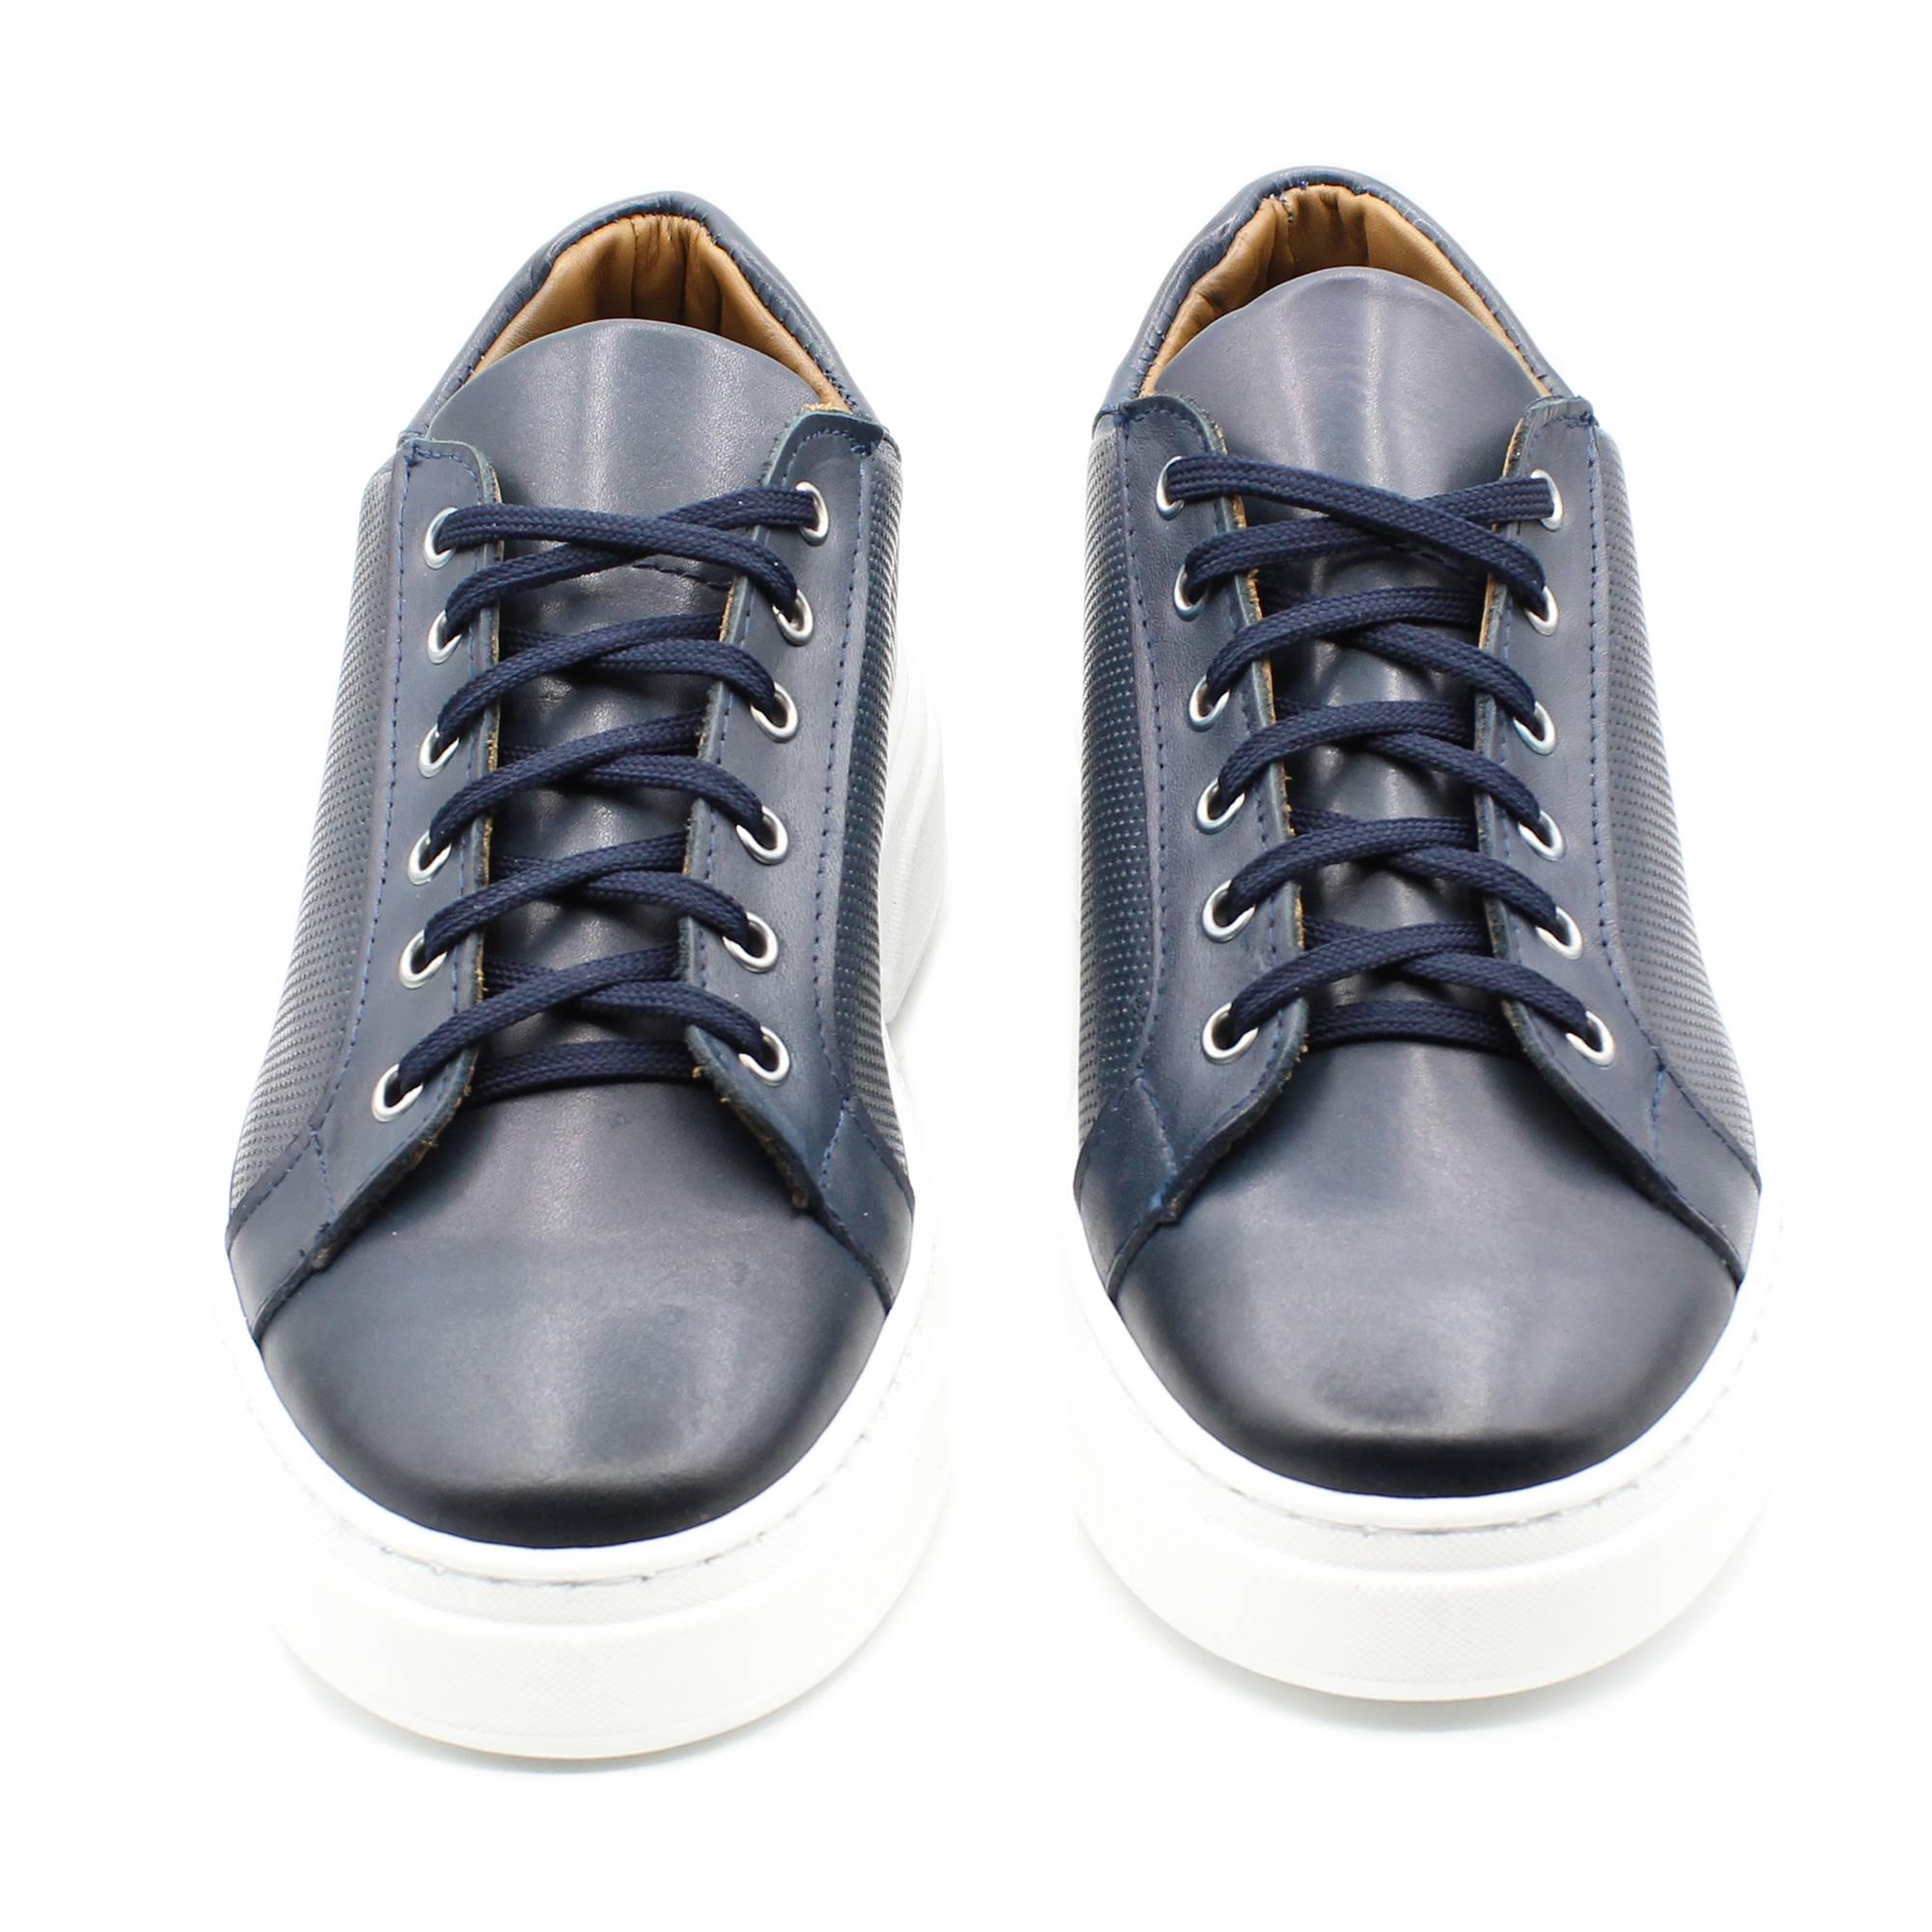 miniatura 3 - Sneakers-Uomo-in-Pelle-Basse-Nere-Blu-Scarpe-da-Ginnastica-Sportive-Eleganti